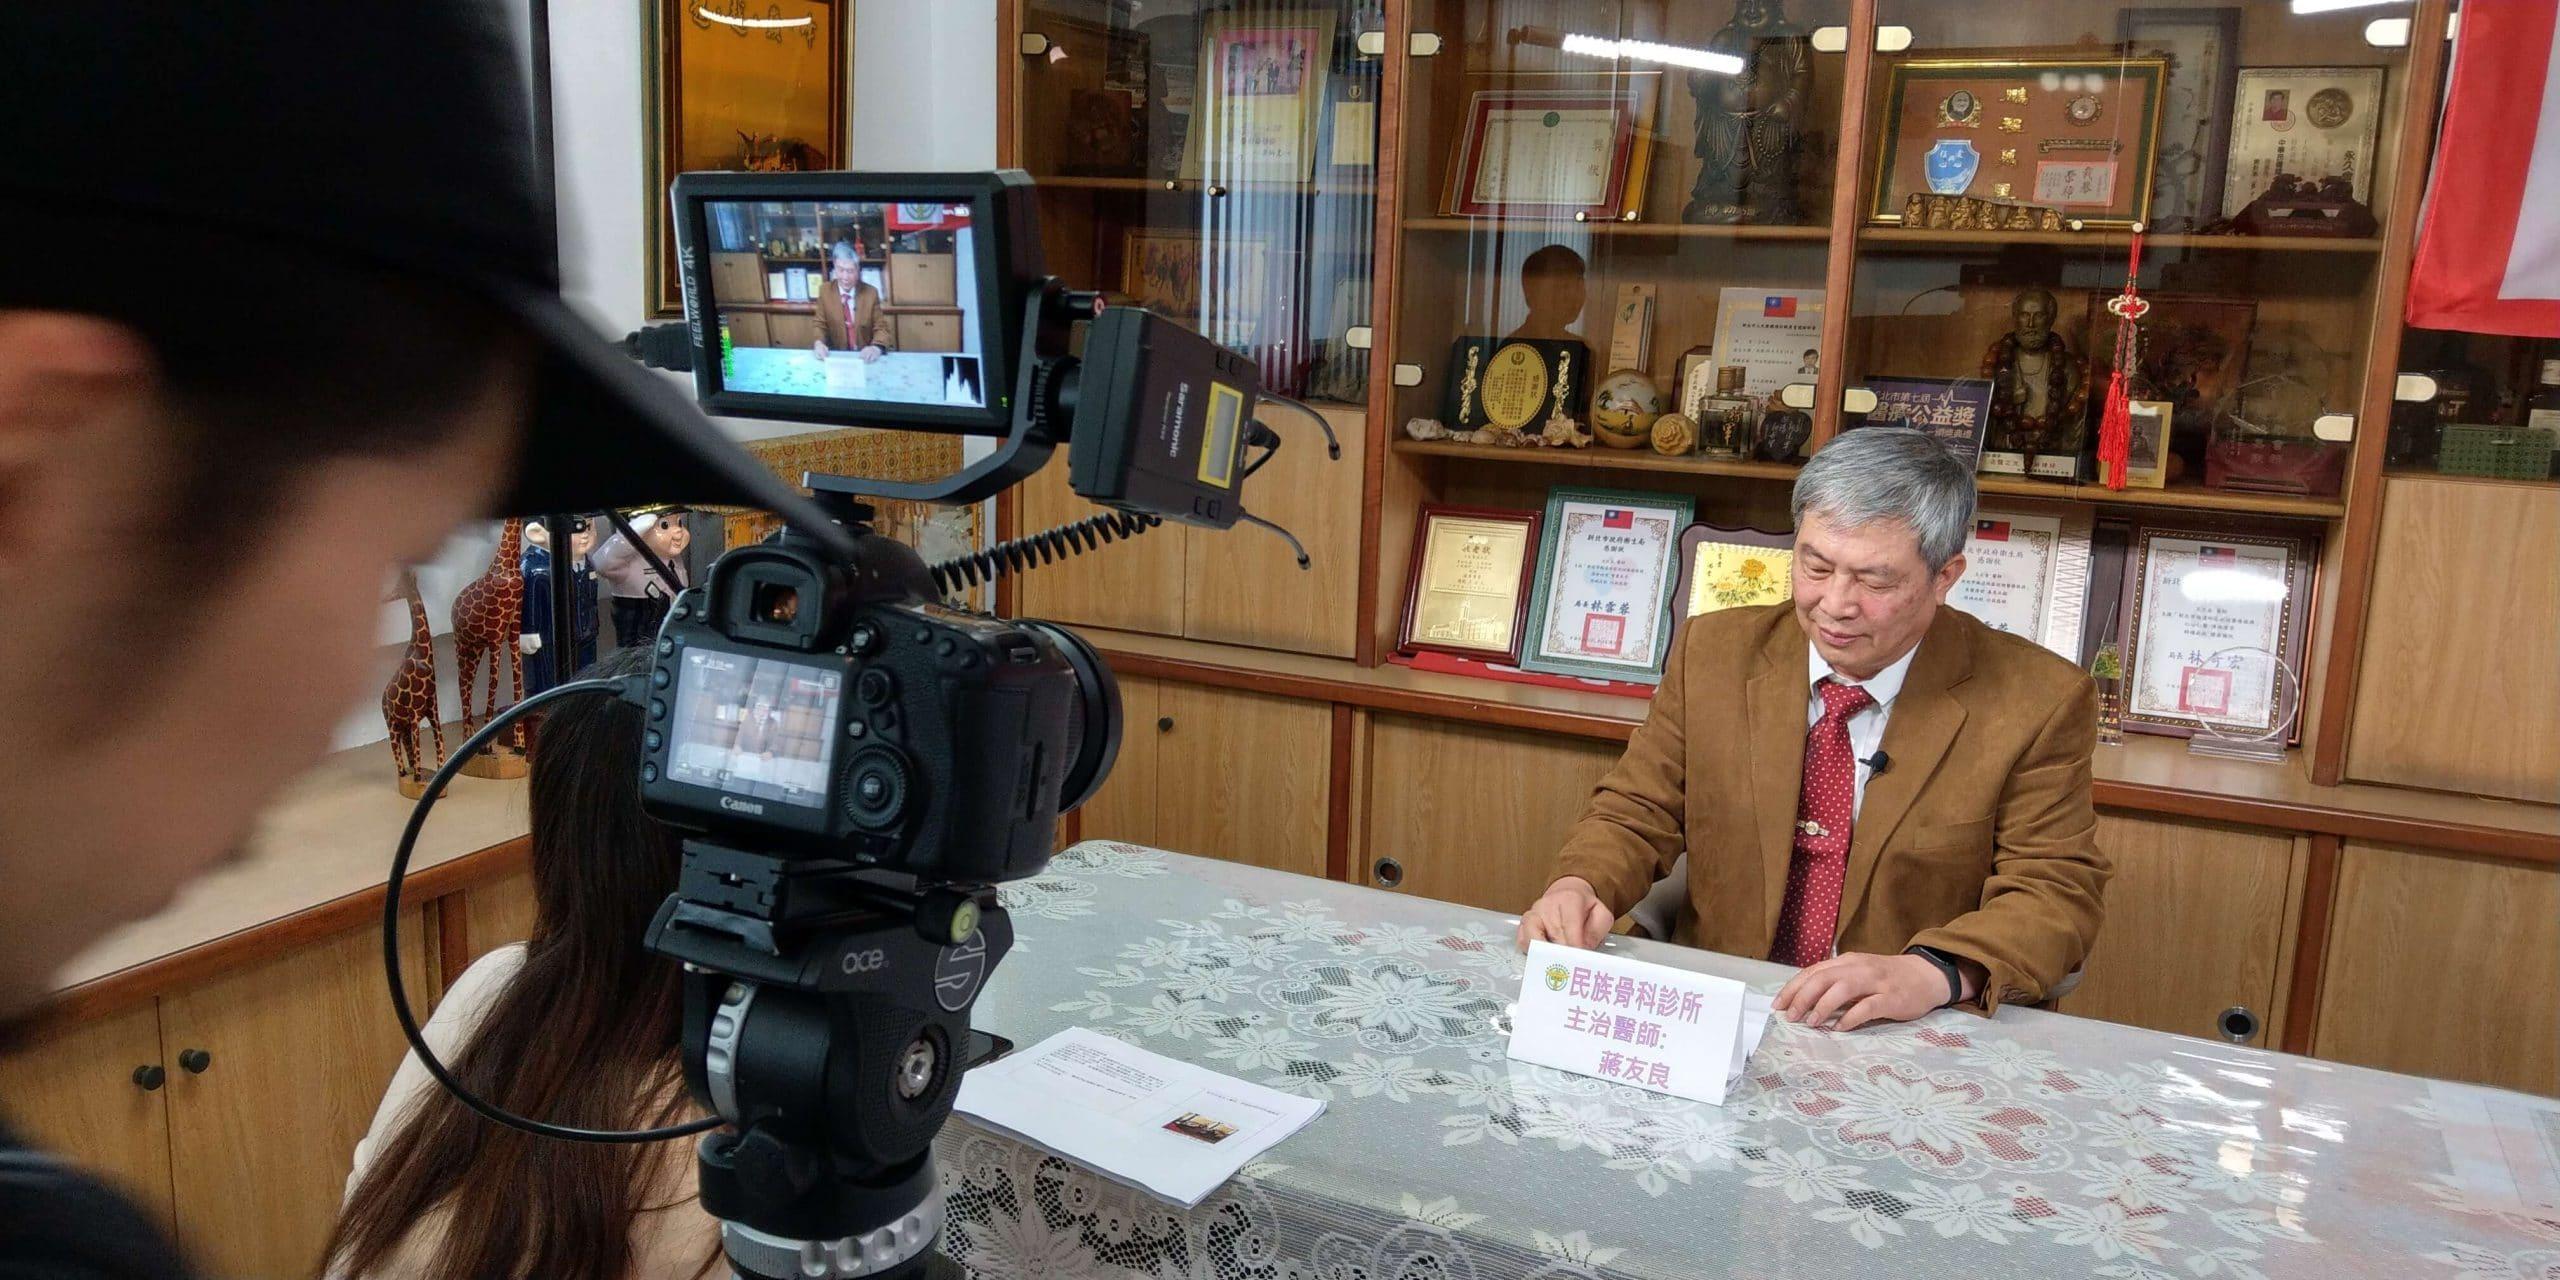 星澤國際-讓世界都看見-電視專訪節目-新北市健保診所協會